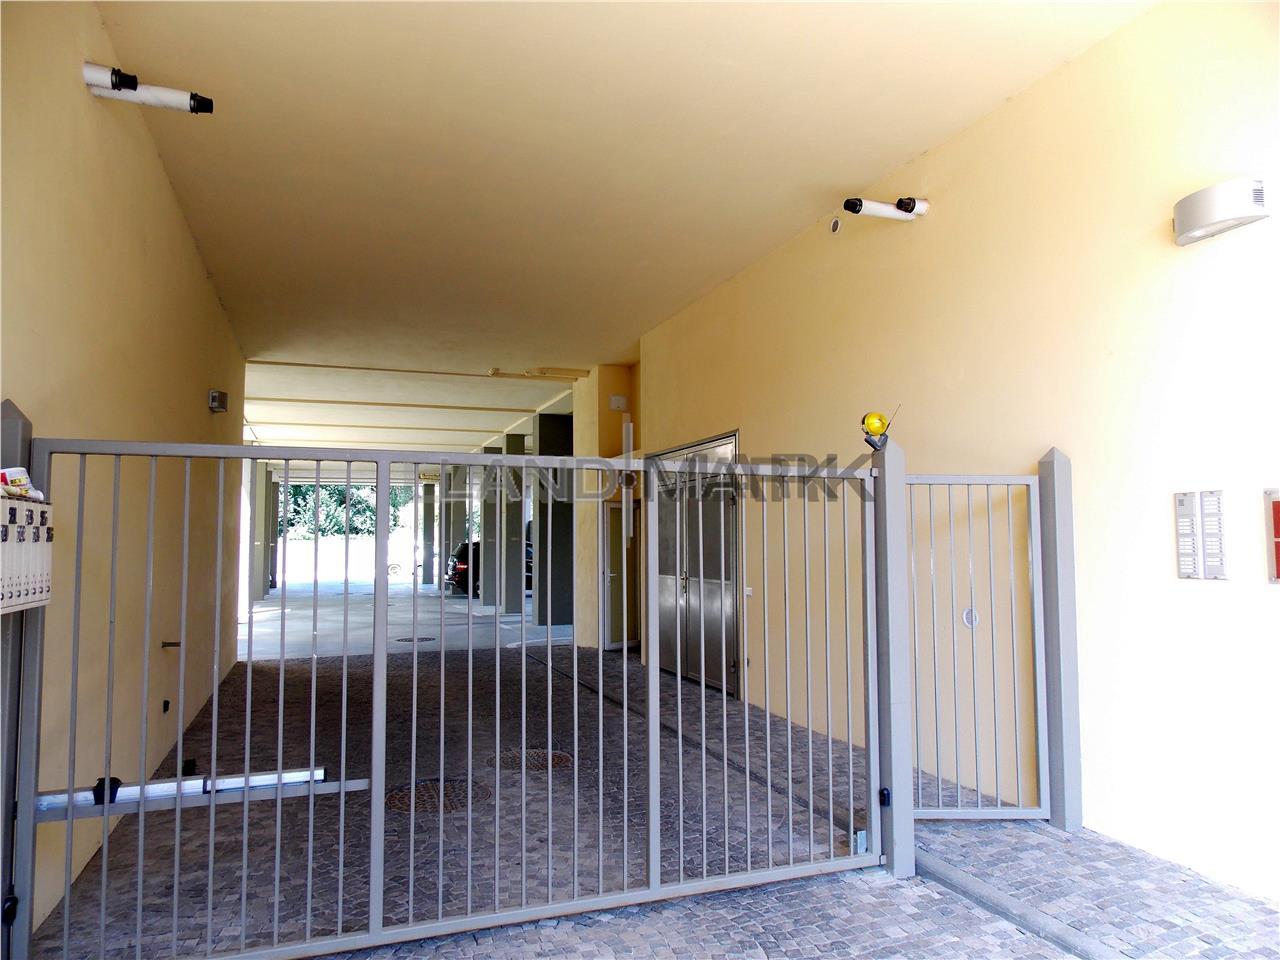 2 camere central, , bloc nou, parcare privata, nemobilat